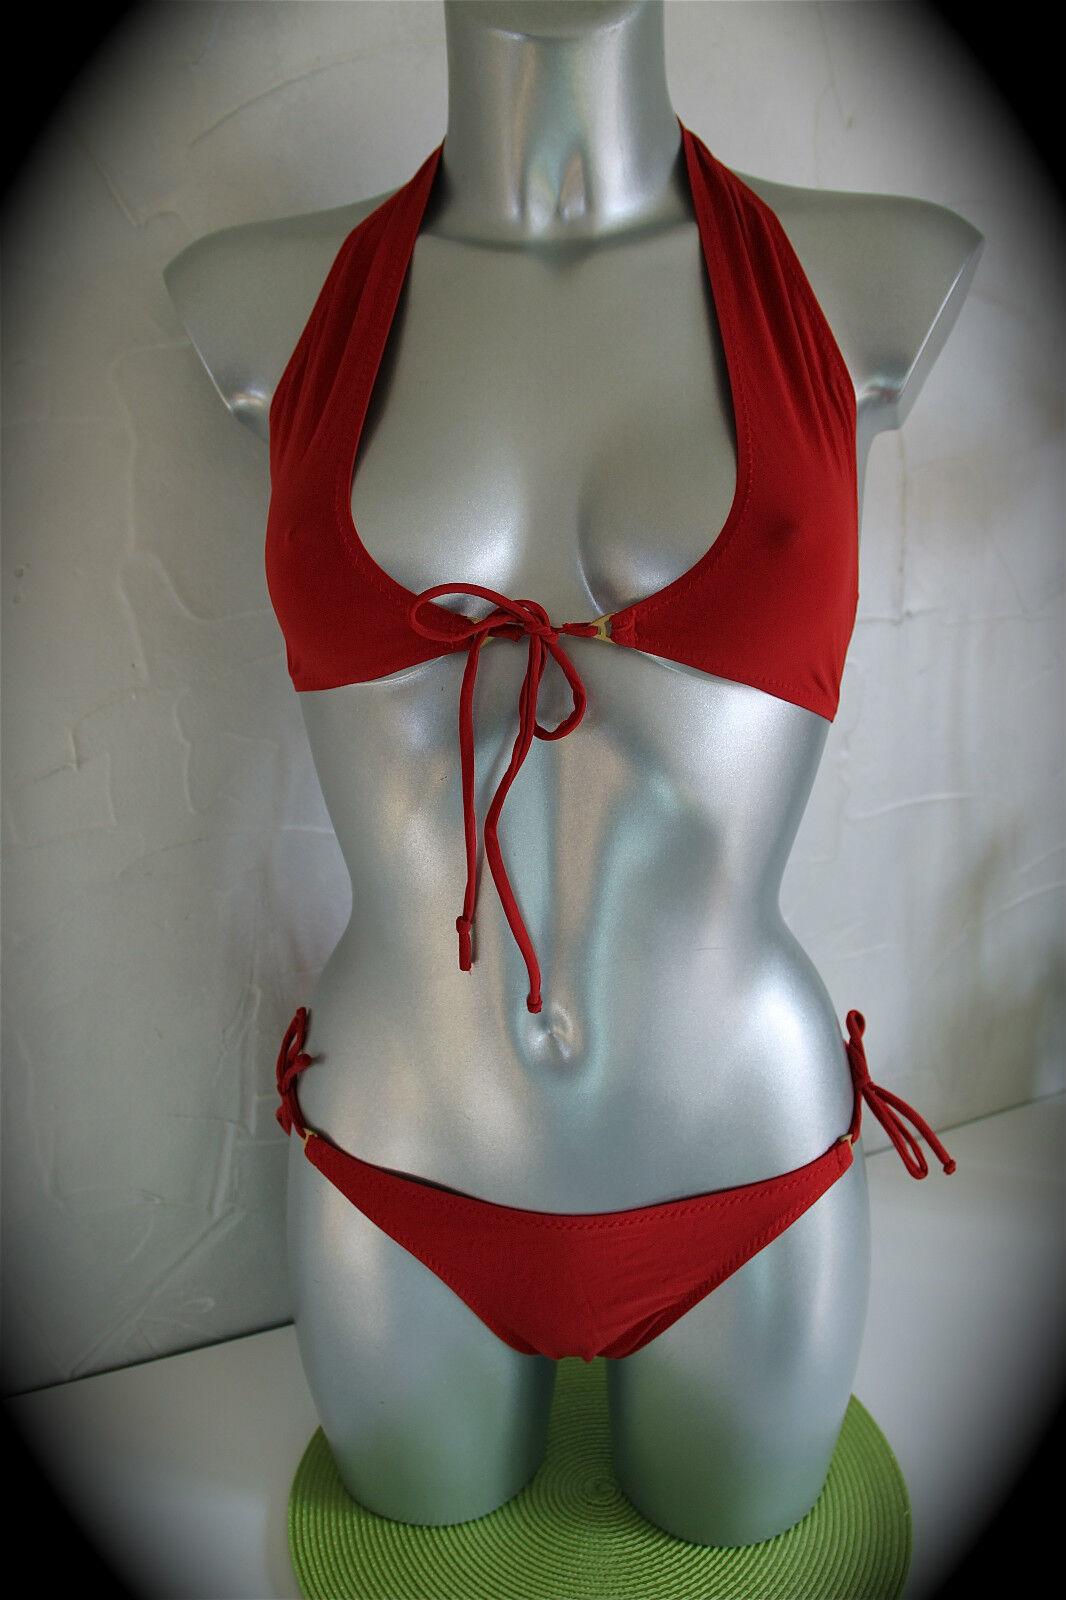 Swimsuit red PAIN de SUCRE hanai 61 SIZE 40 - 85B NEW LABEL